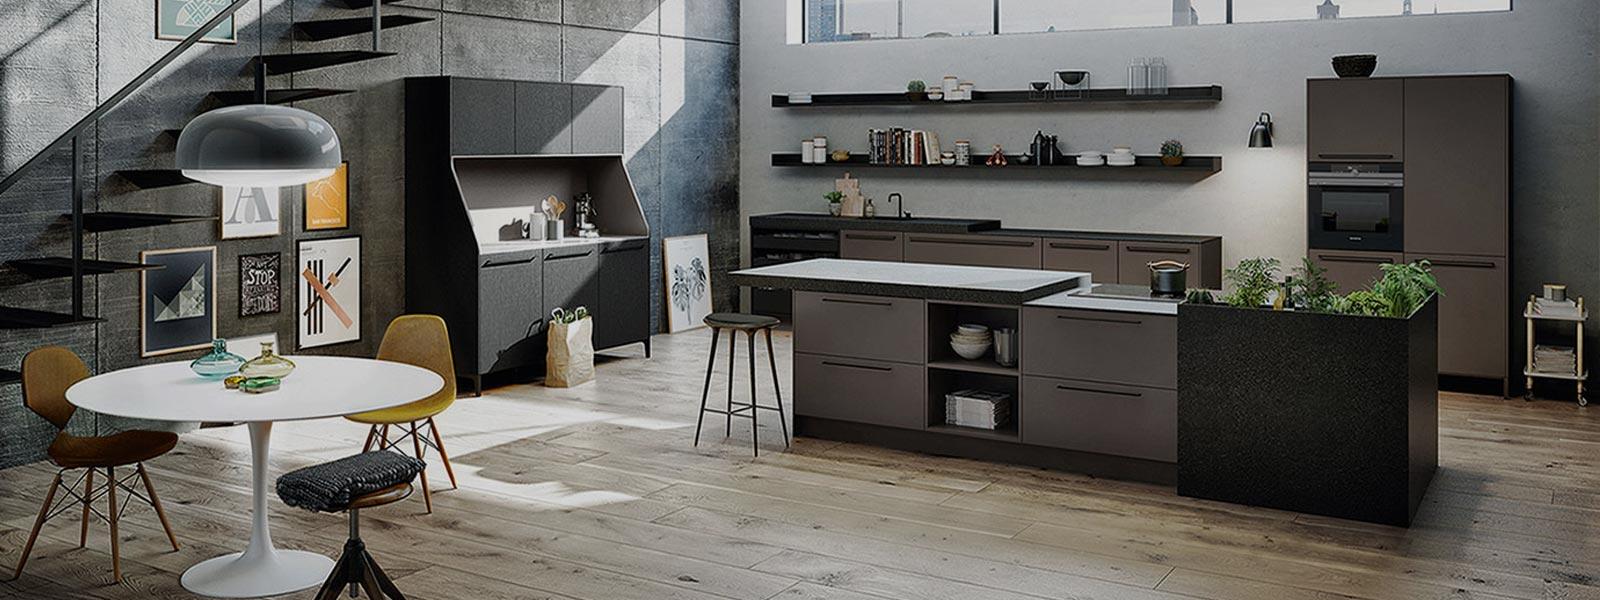 Compleet ingerichte SieMatic Urban keuken. De keuken is afgewerkt met grijs en zwart tinten.